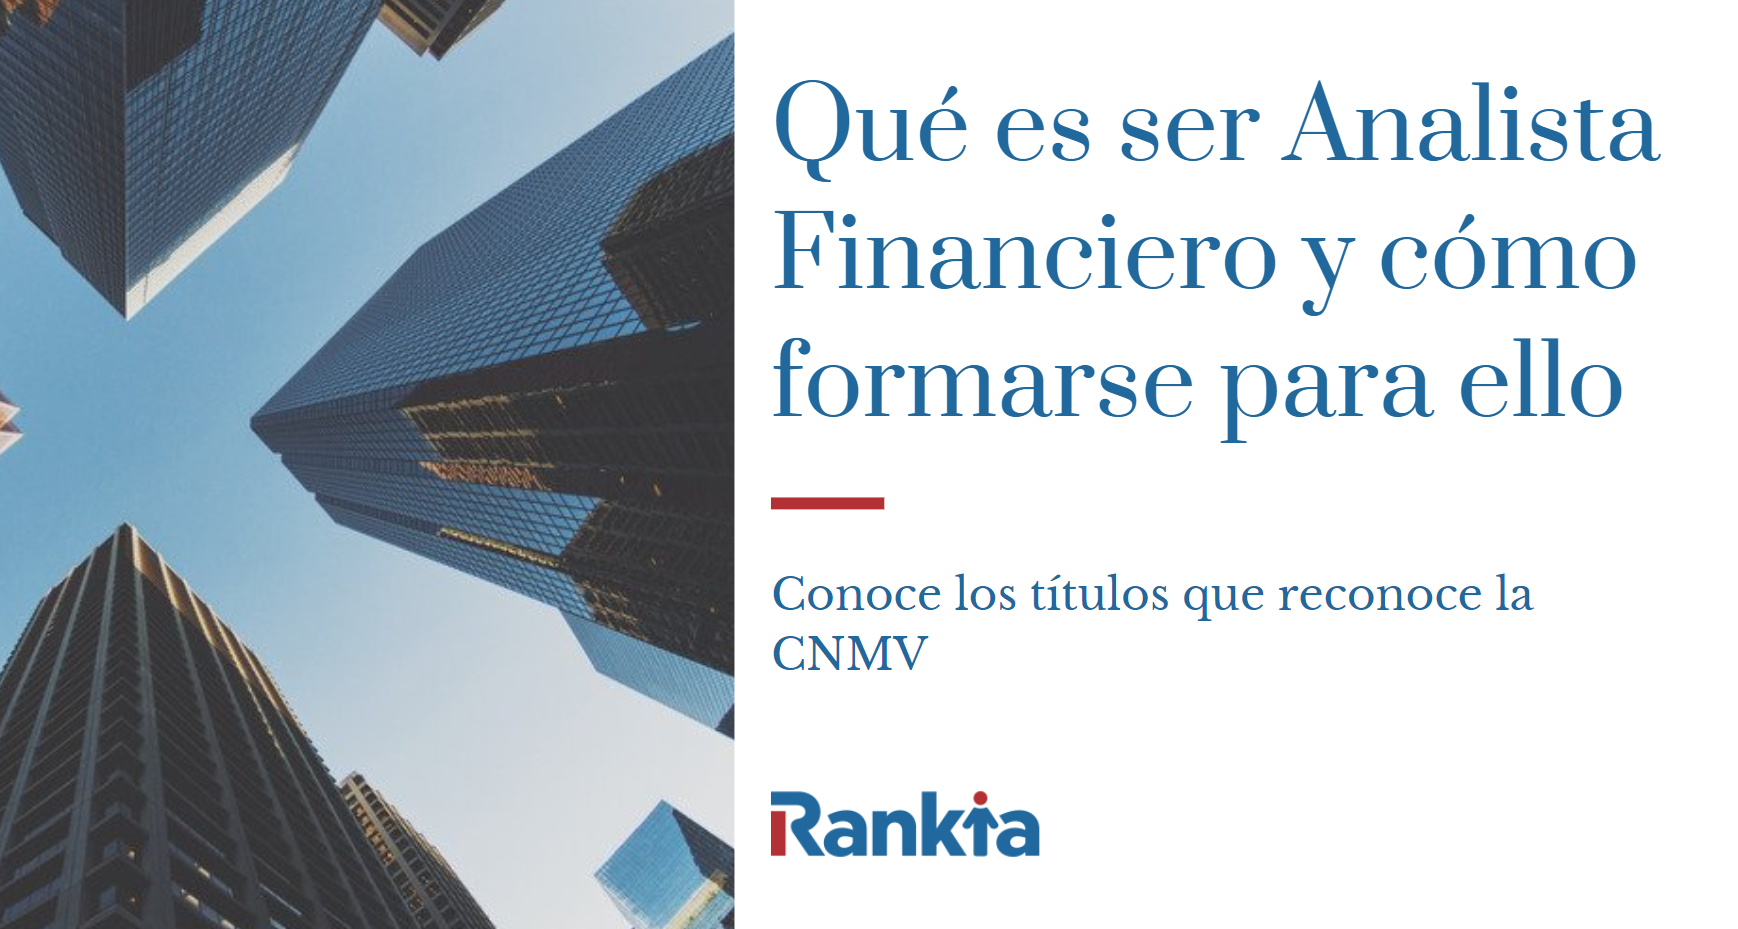 Qué es ser Analista Financiero y cómo formarse para ello